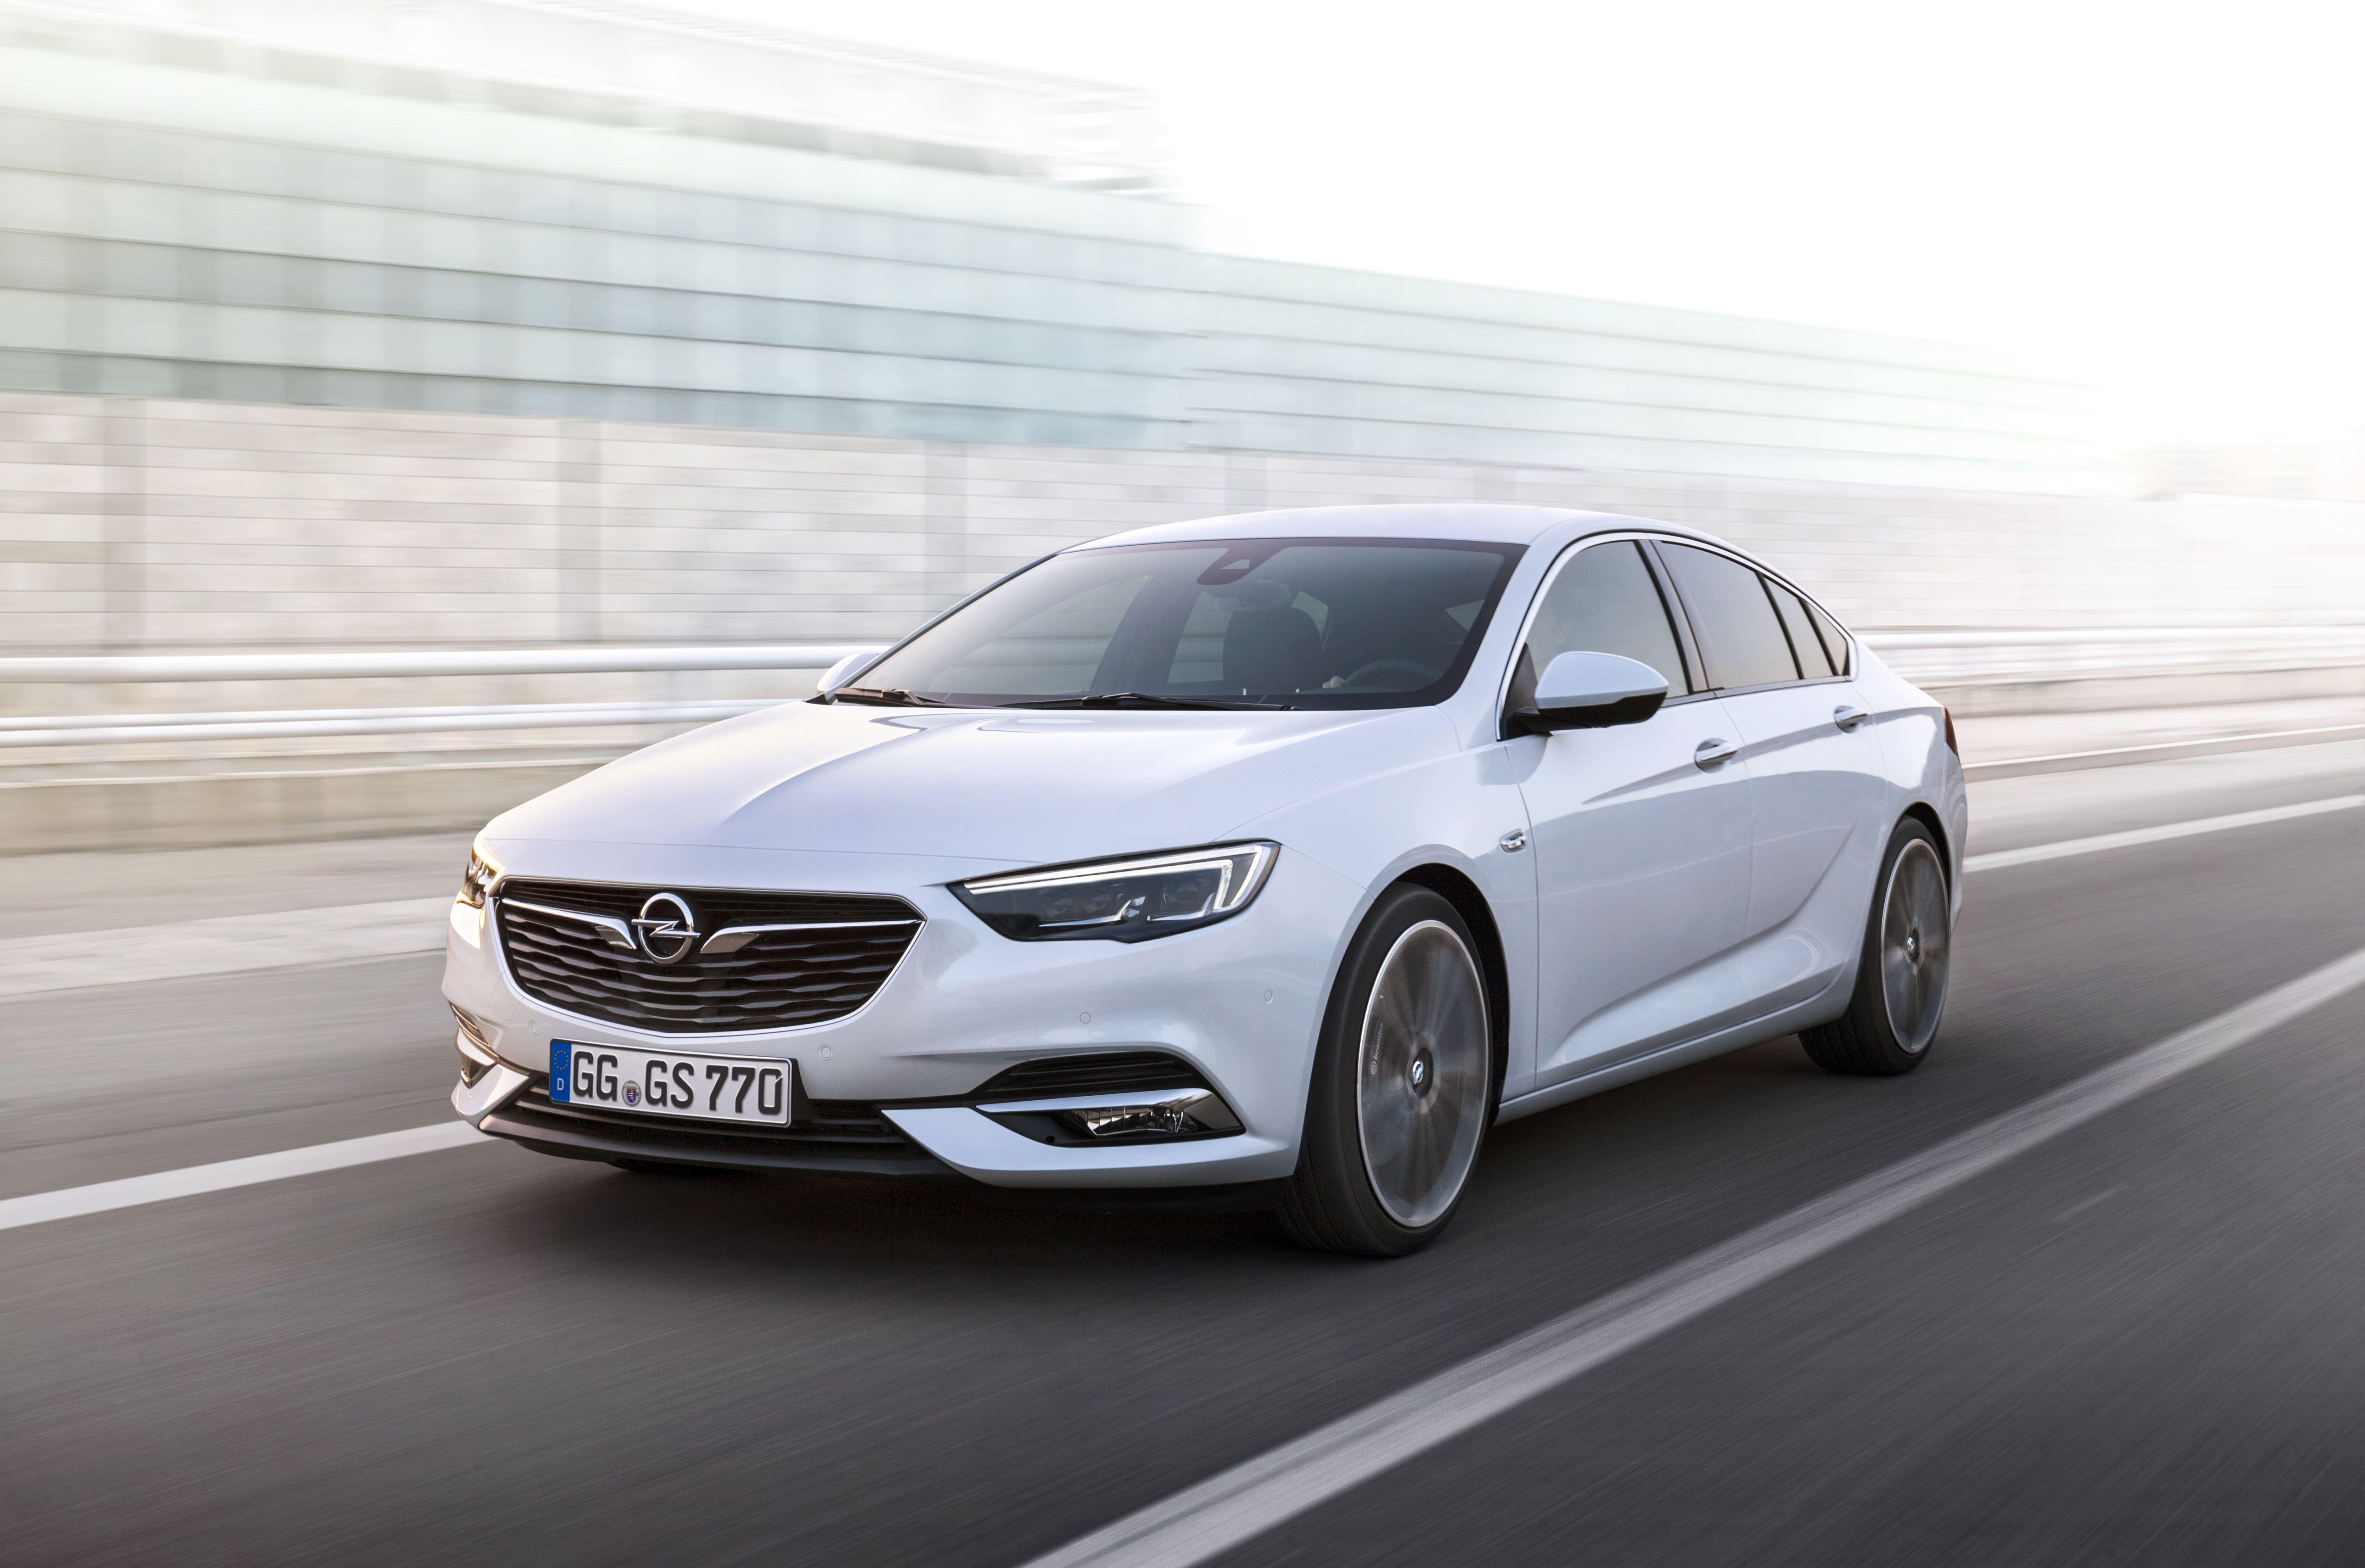 Opel-Insignia-Grand-Sport-304397